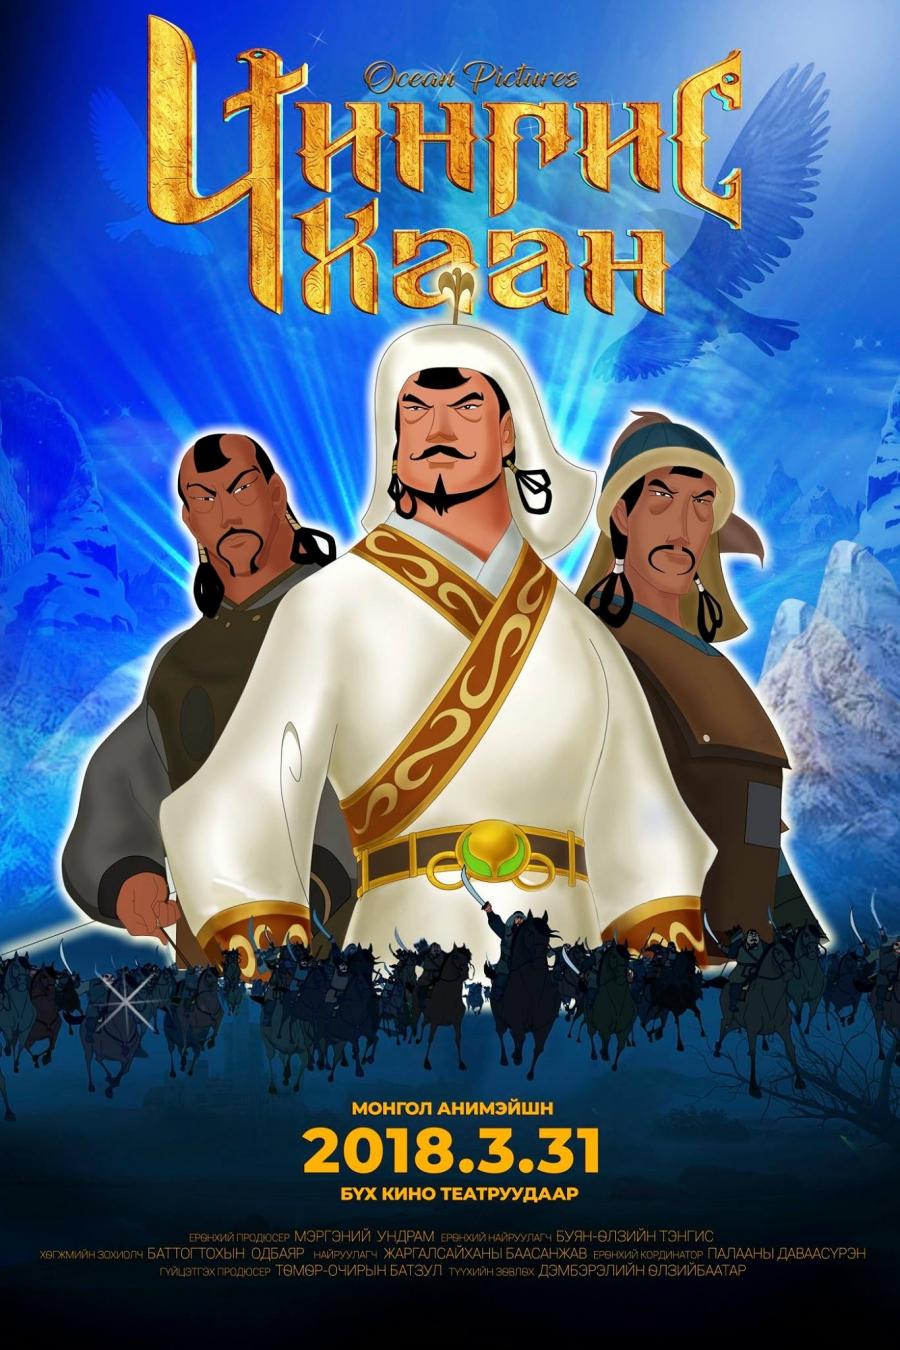 Чингис хаан МУСК (2018)